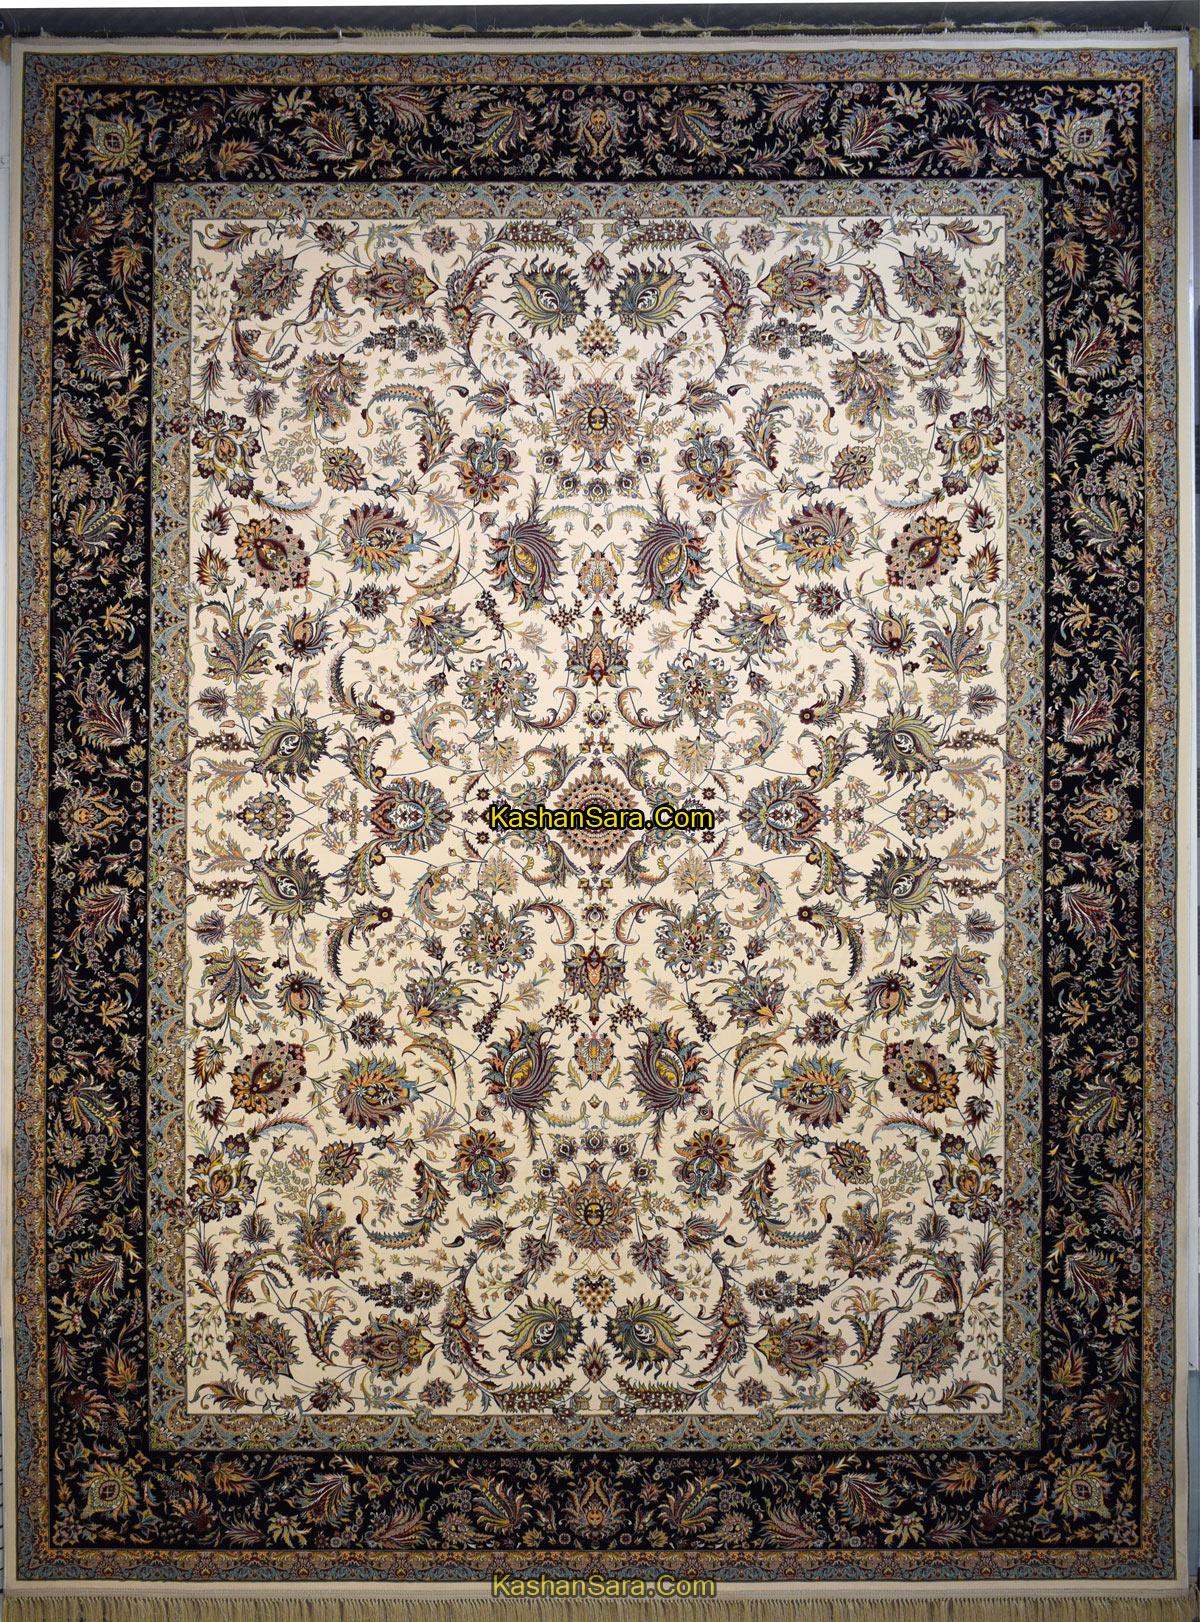 فرش طرح افشان سلطنتی ۱۲۰۰ شانه